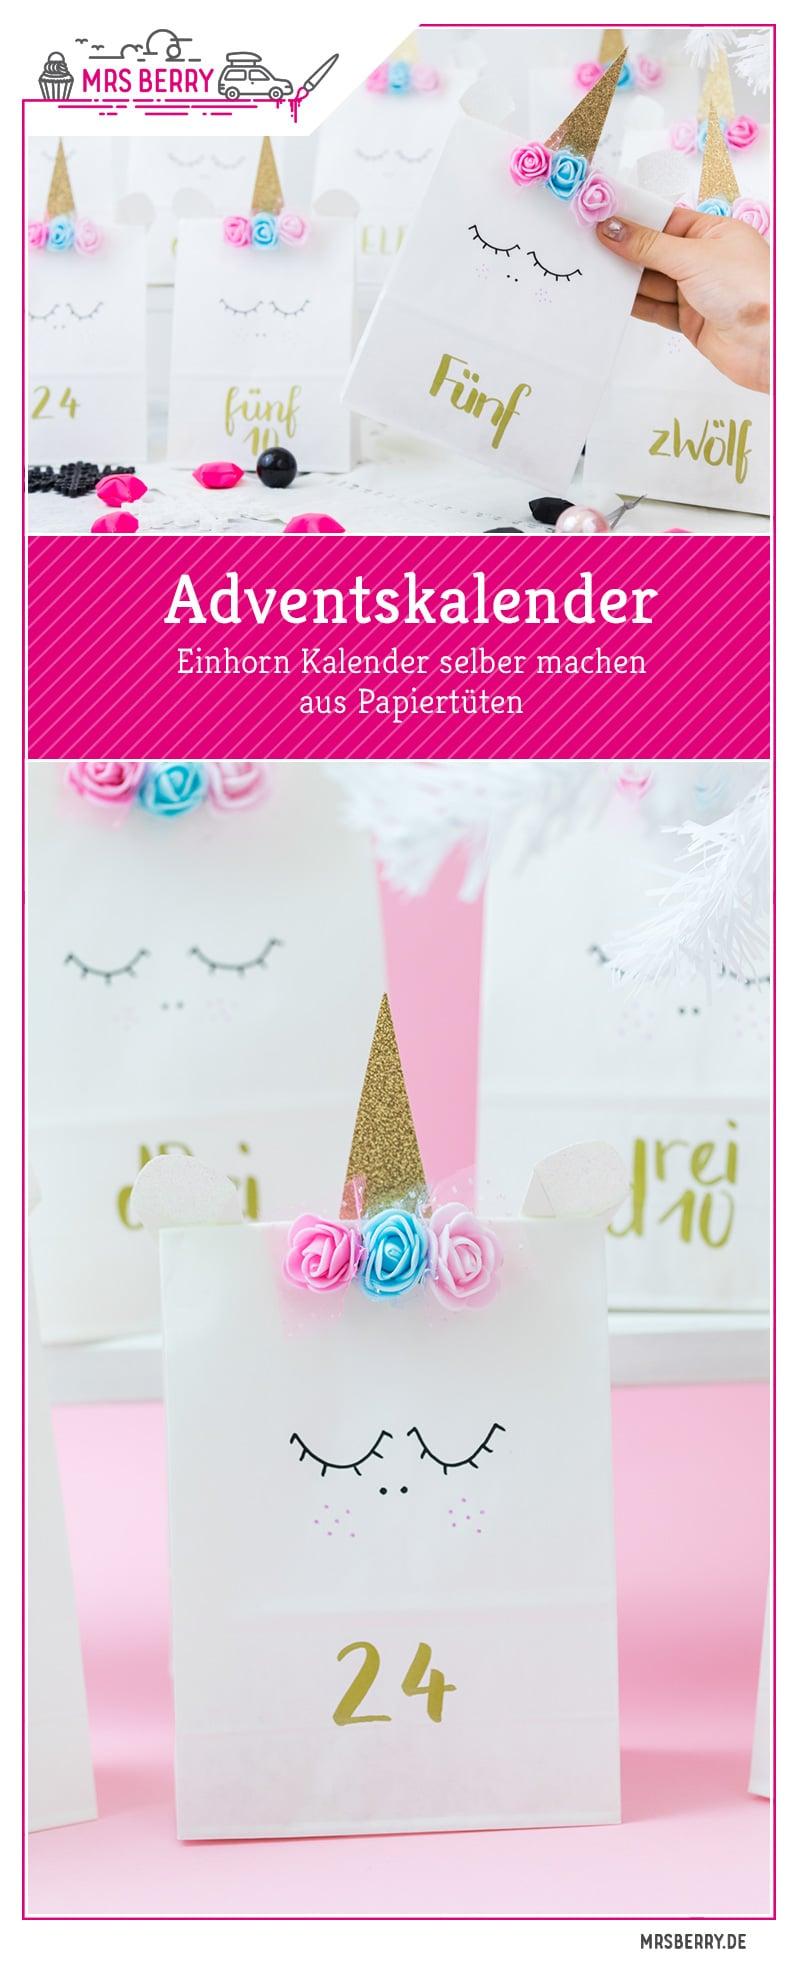 Einhorn Adventskalender basteln mit Papiertüten. Ich zeige euch in einer genauen Anleitung, wie ihr das schnelle DIY zu Weihnachten umsetzen könnt. Sehen die Einhorn Papiertütchen nicht süß aus?